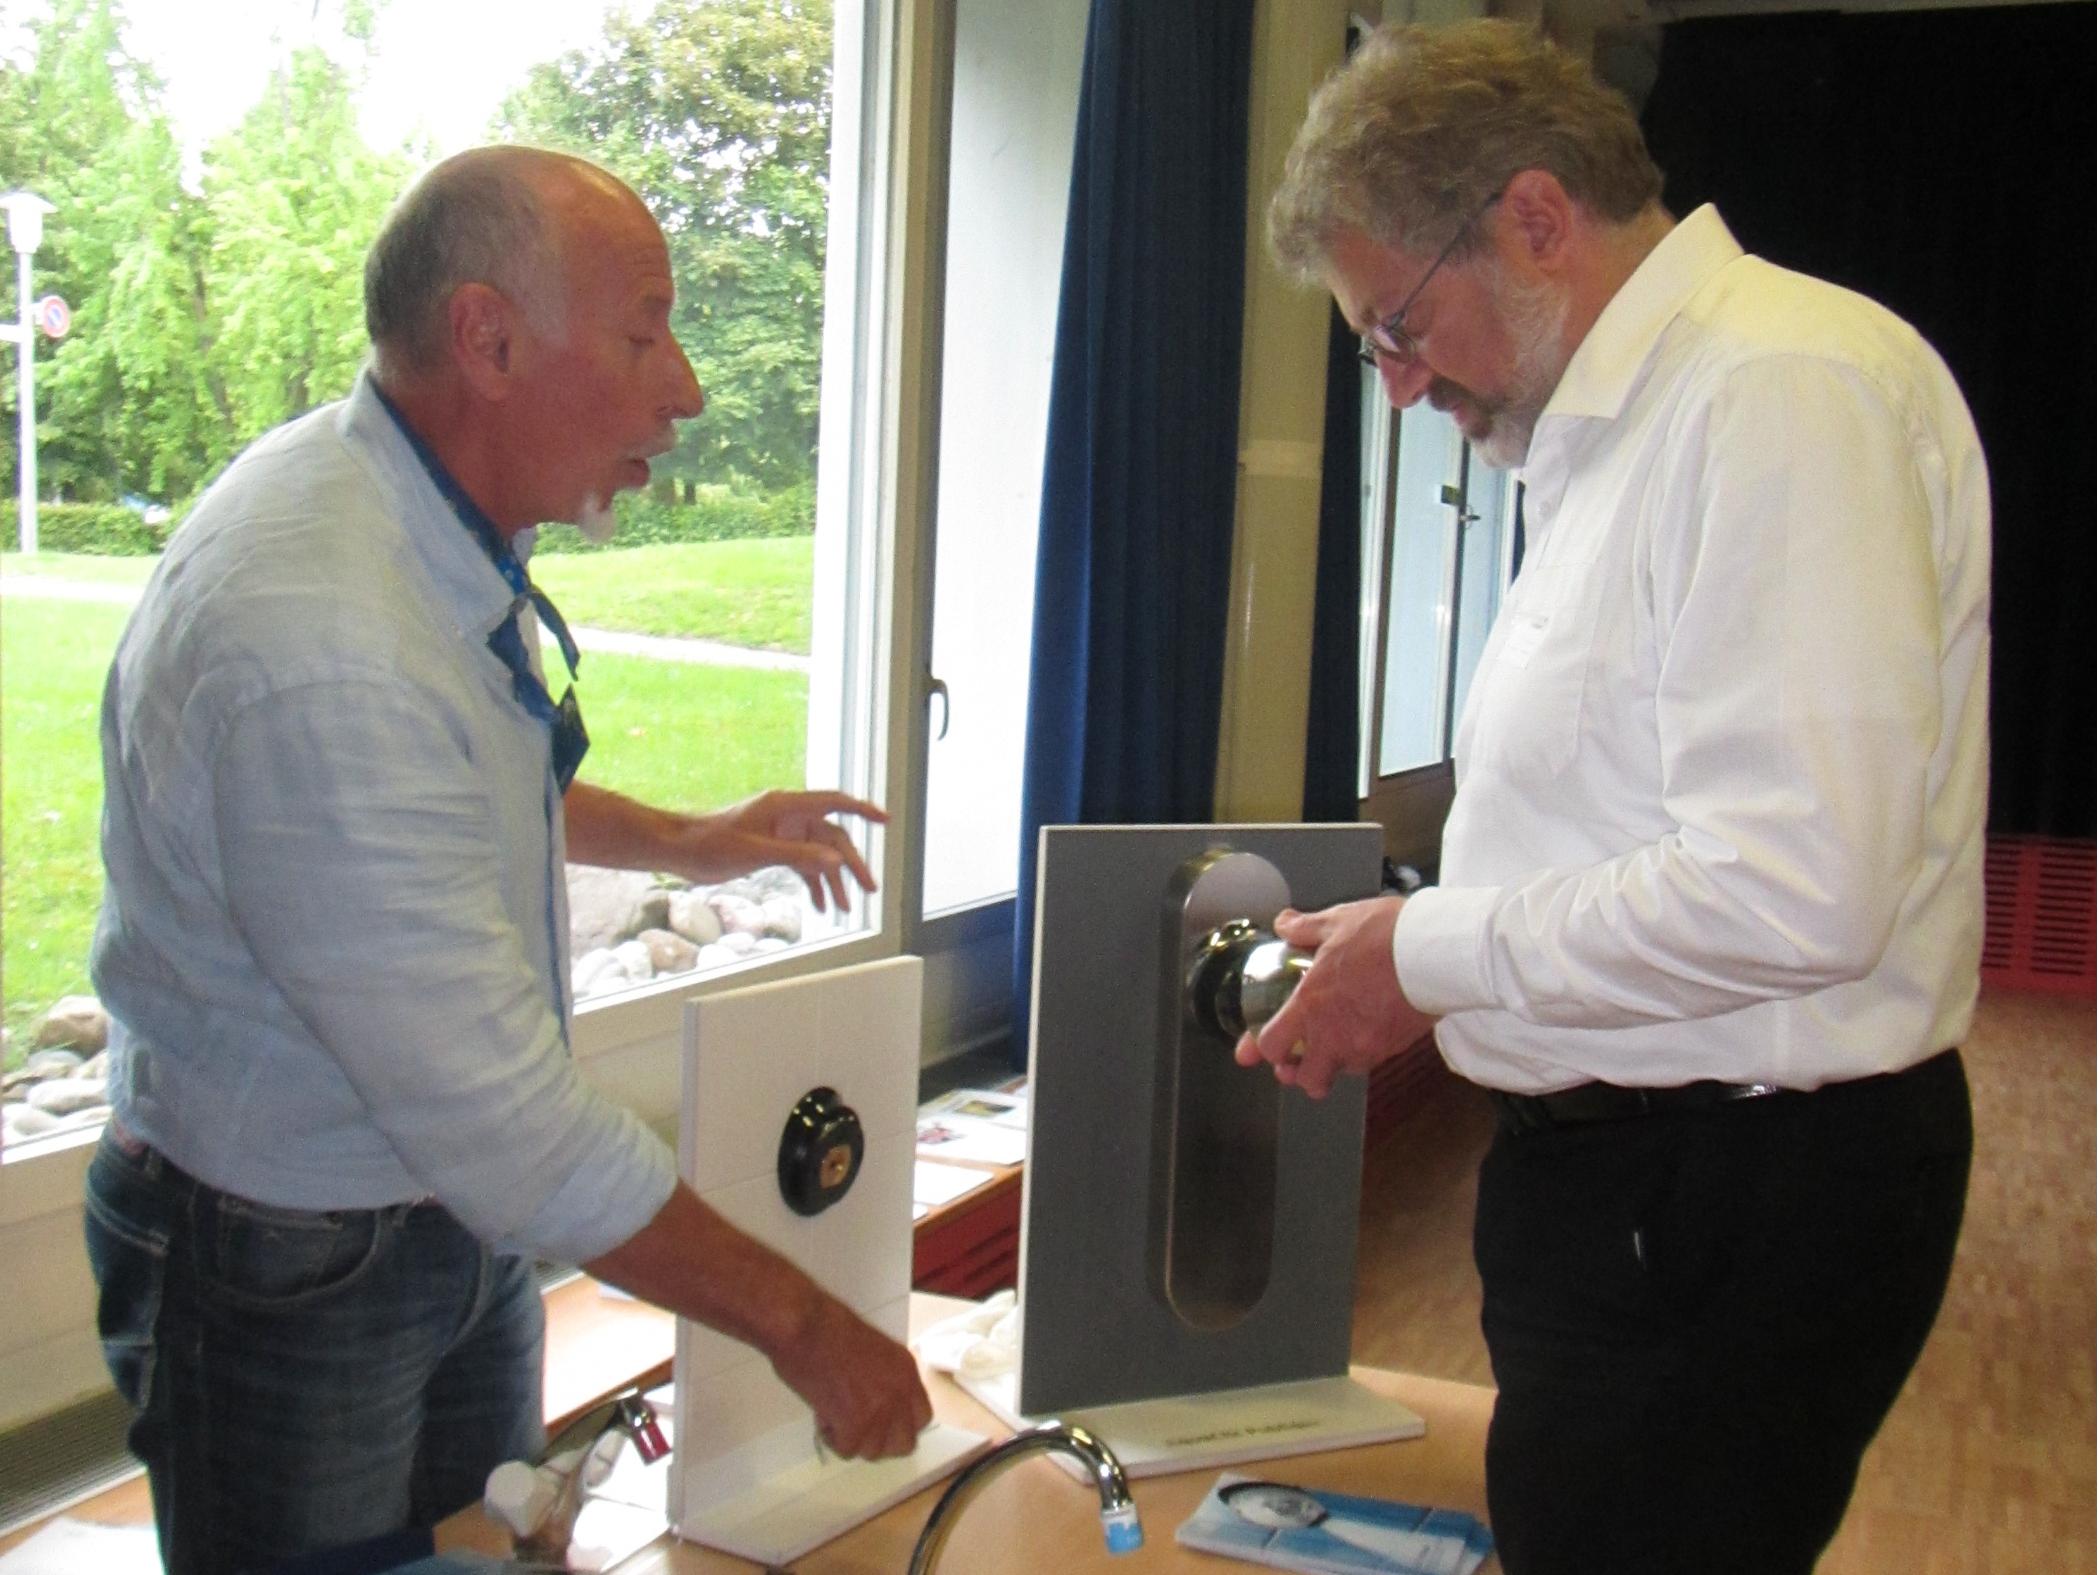 Paul Eggimann vom Bundesamt für Bauten und Logistik lässt sich von Paul Curty die wassersparenden Duschbrausen erklären.